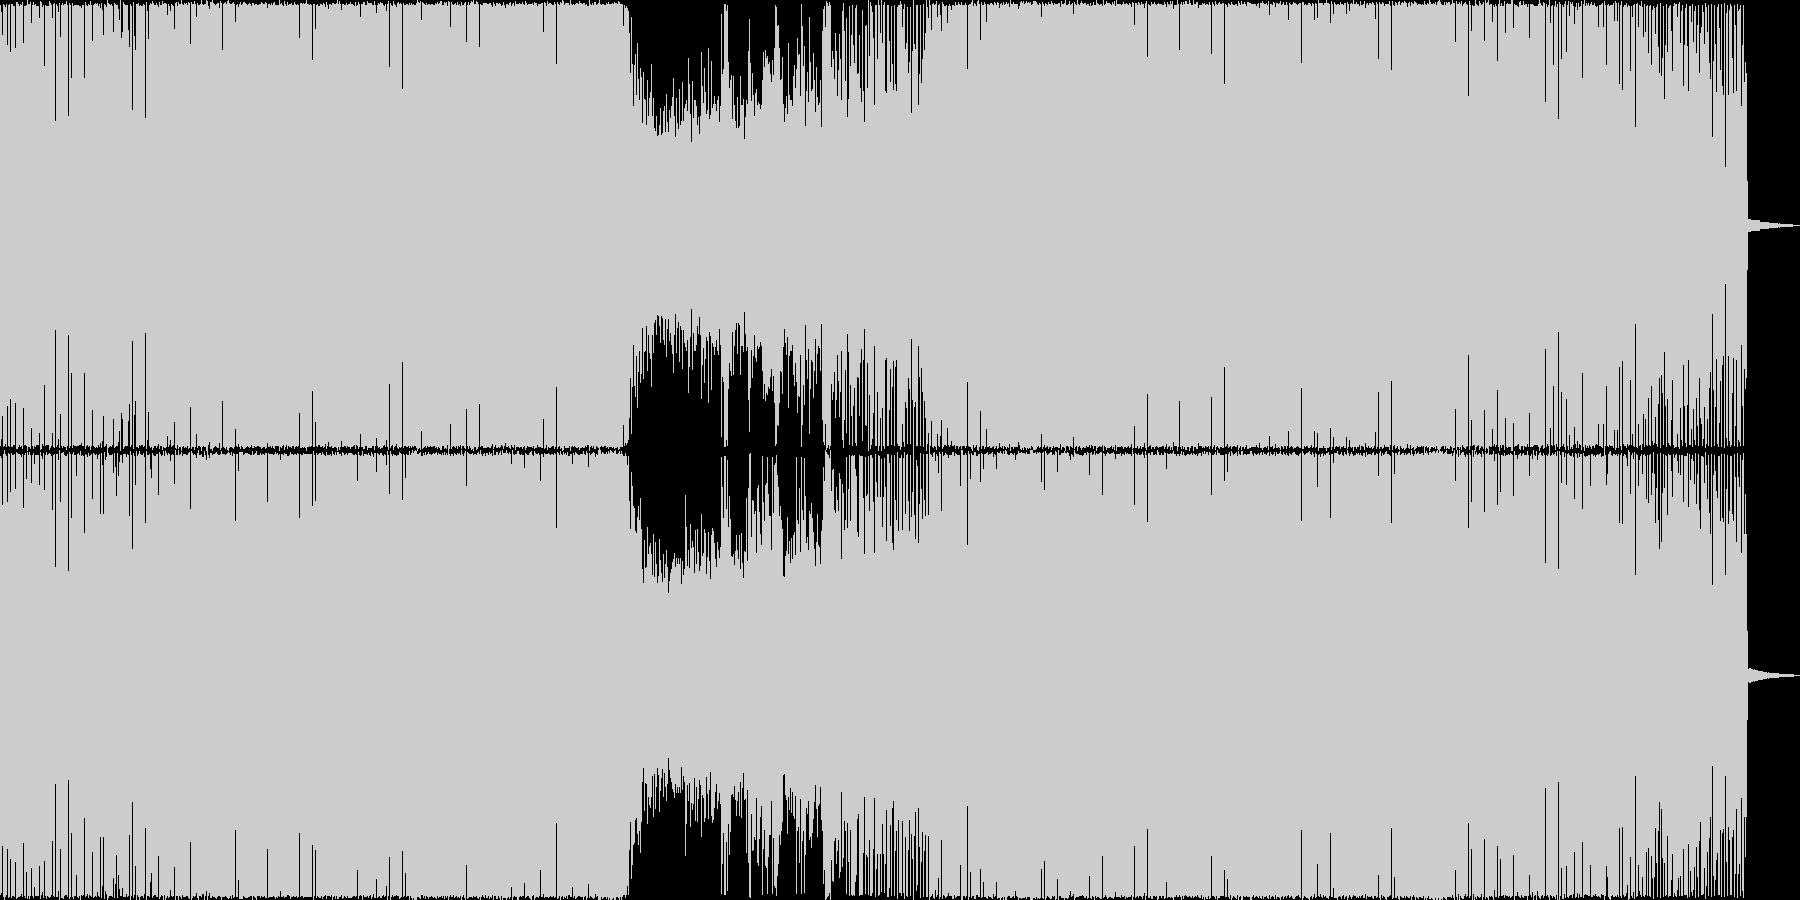 再出発シーン向けなトランス・ハウスですの未再生の波形